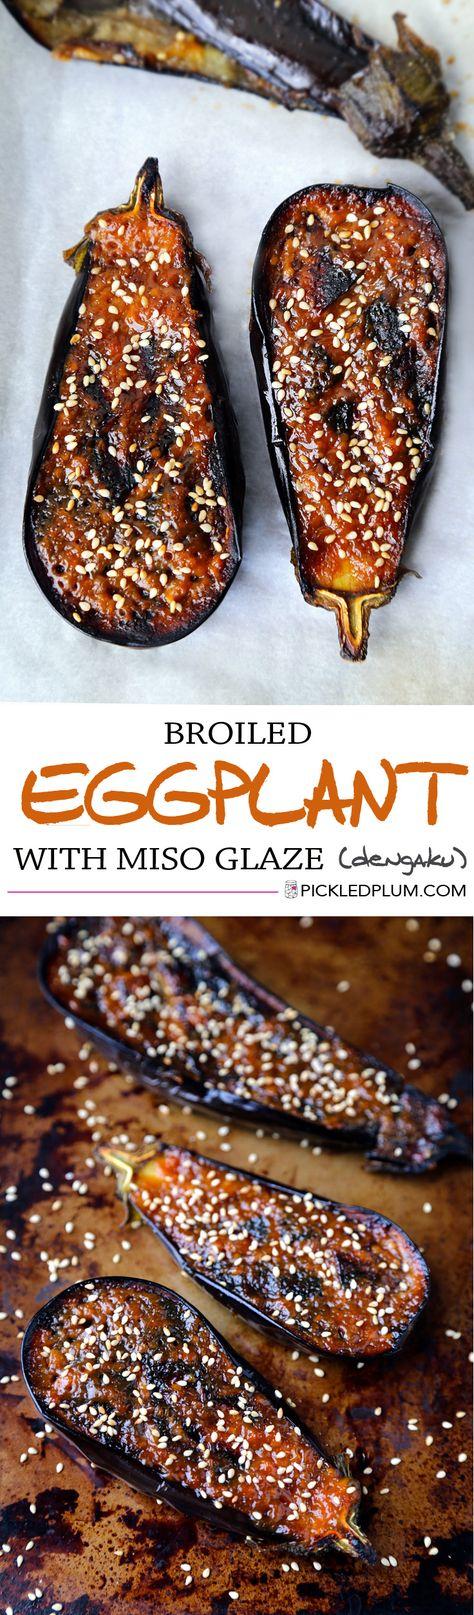 Healthy Recipe for Nasu Dengaku - Broiled Eggplant with Miso Glaze. http://www.pickledplum.com/nasu-dengaku-recipe/